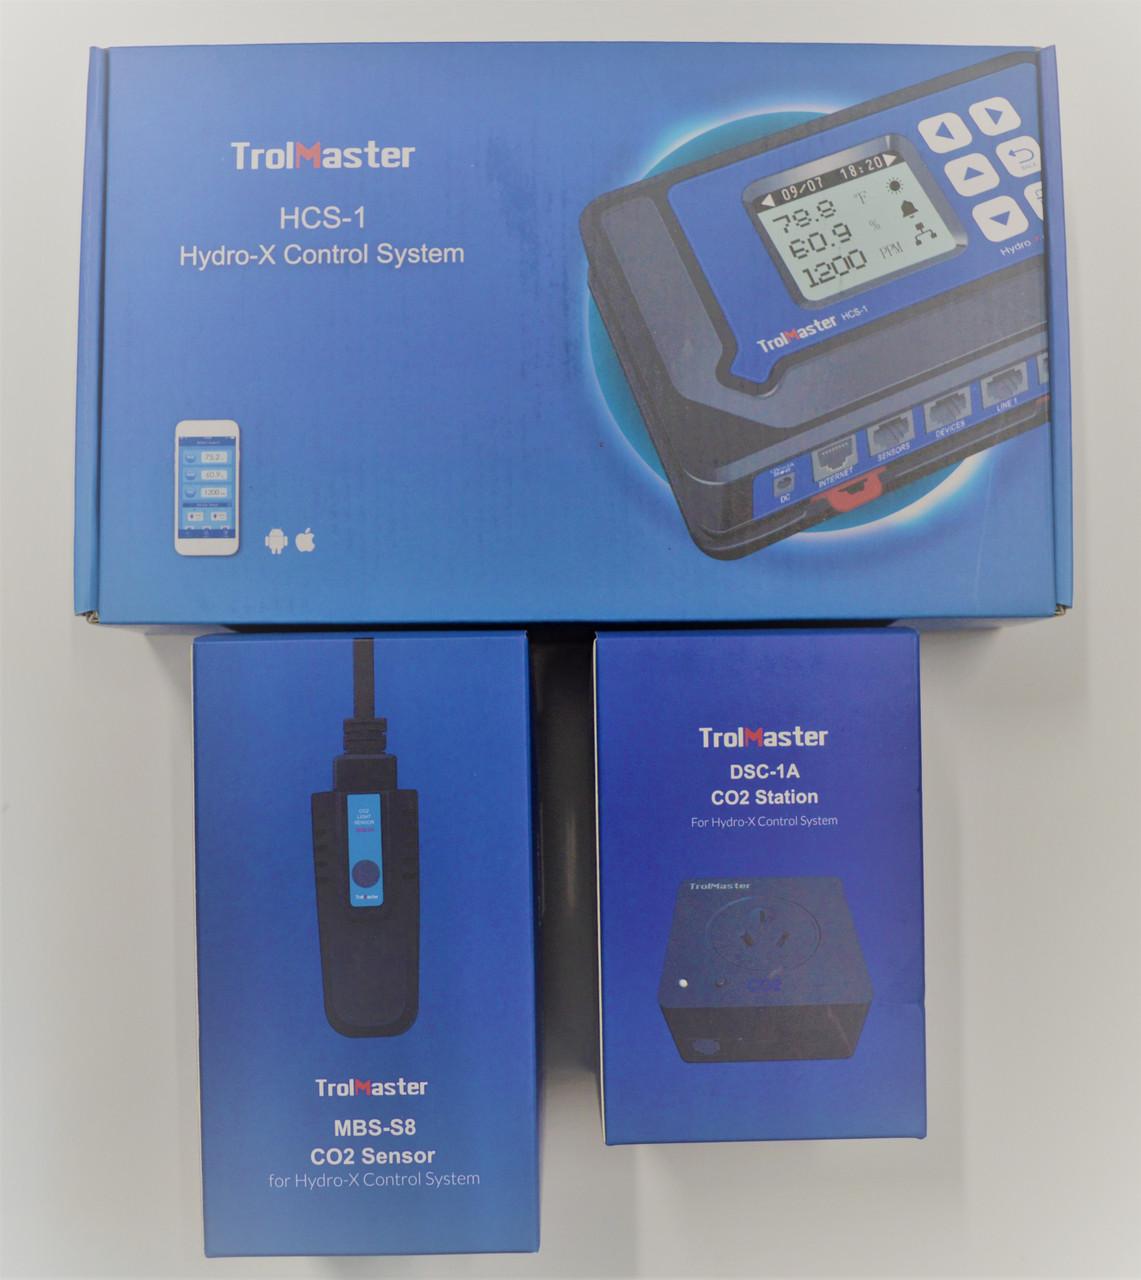 Trol Master Hydro-X Controller